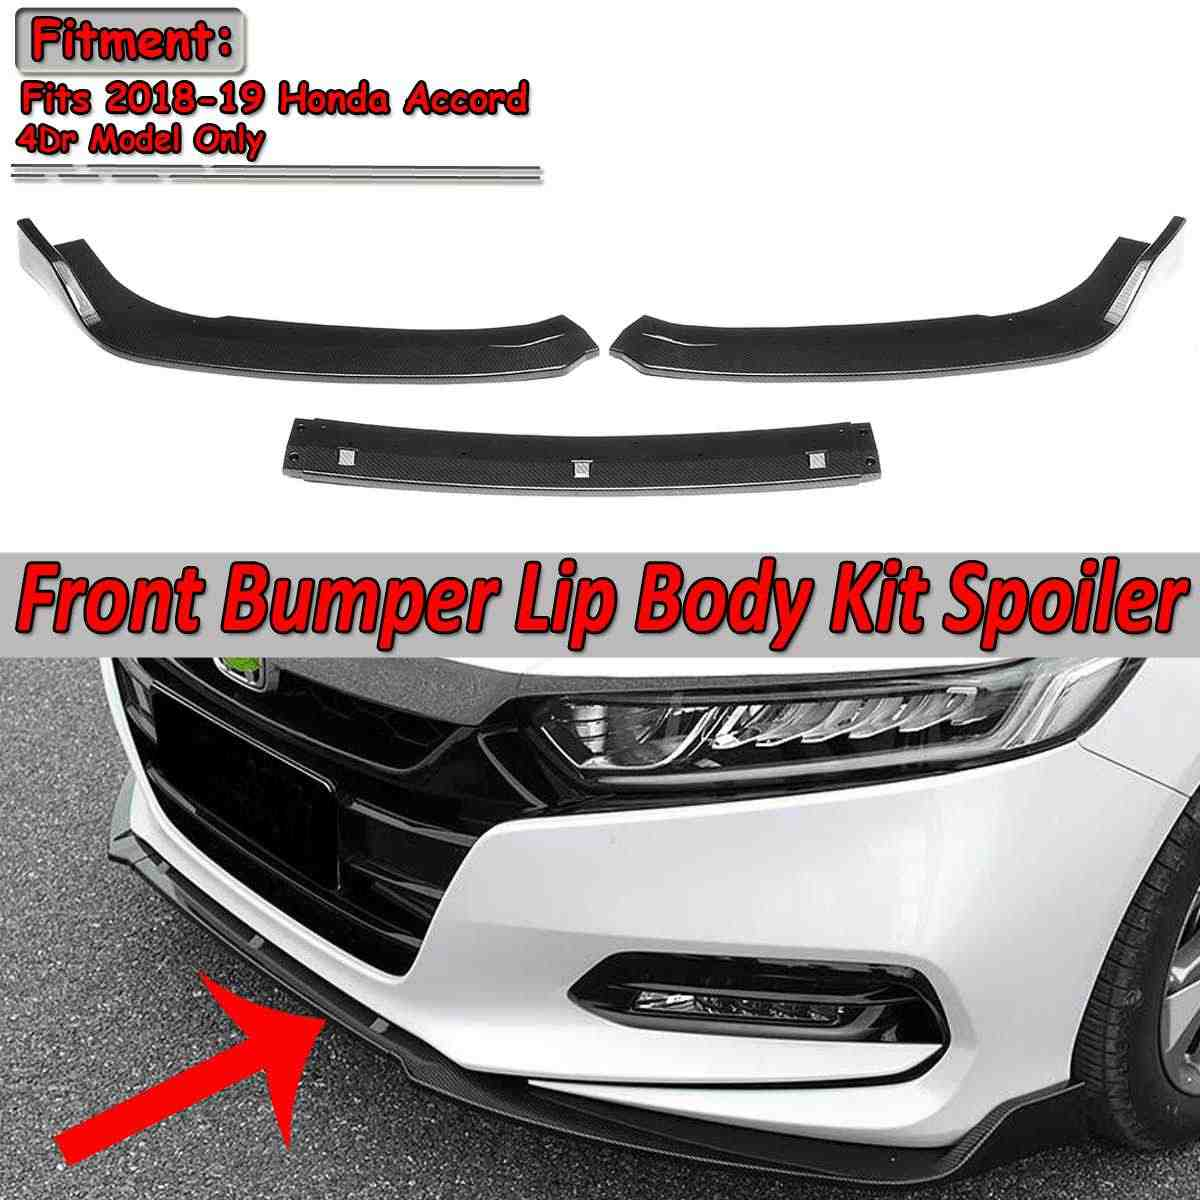 3 個設計された車フロントバンパースポイラー偏向器唇ディフューザーボディキットアコード用ホンダ用 4Drモデル 2018-2019